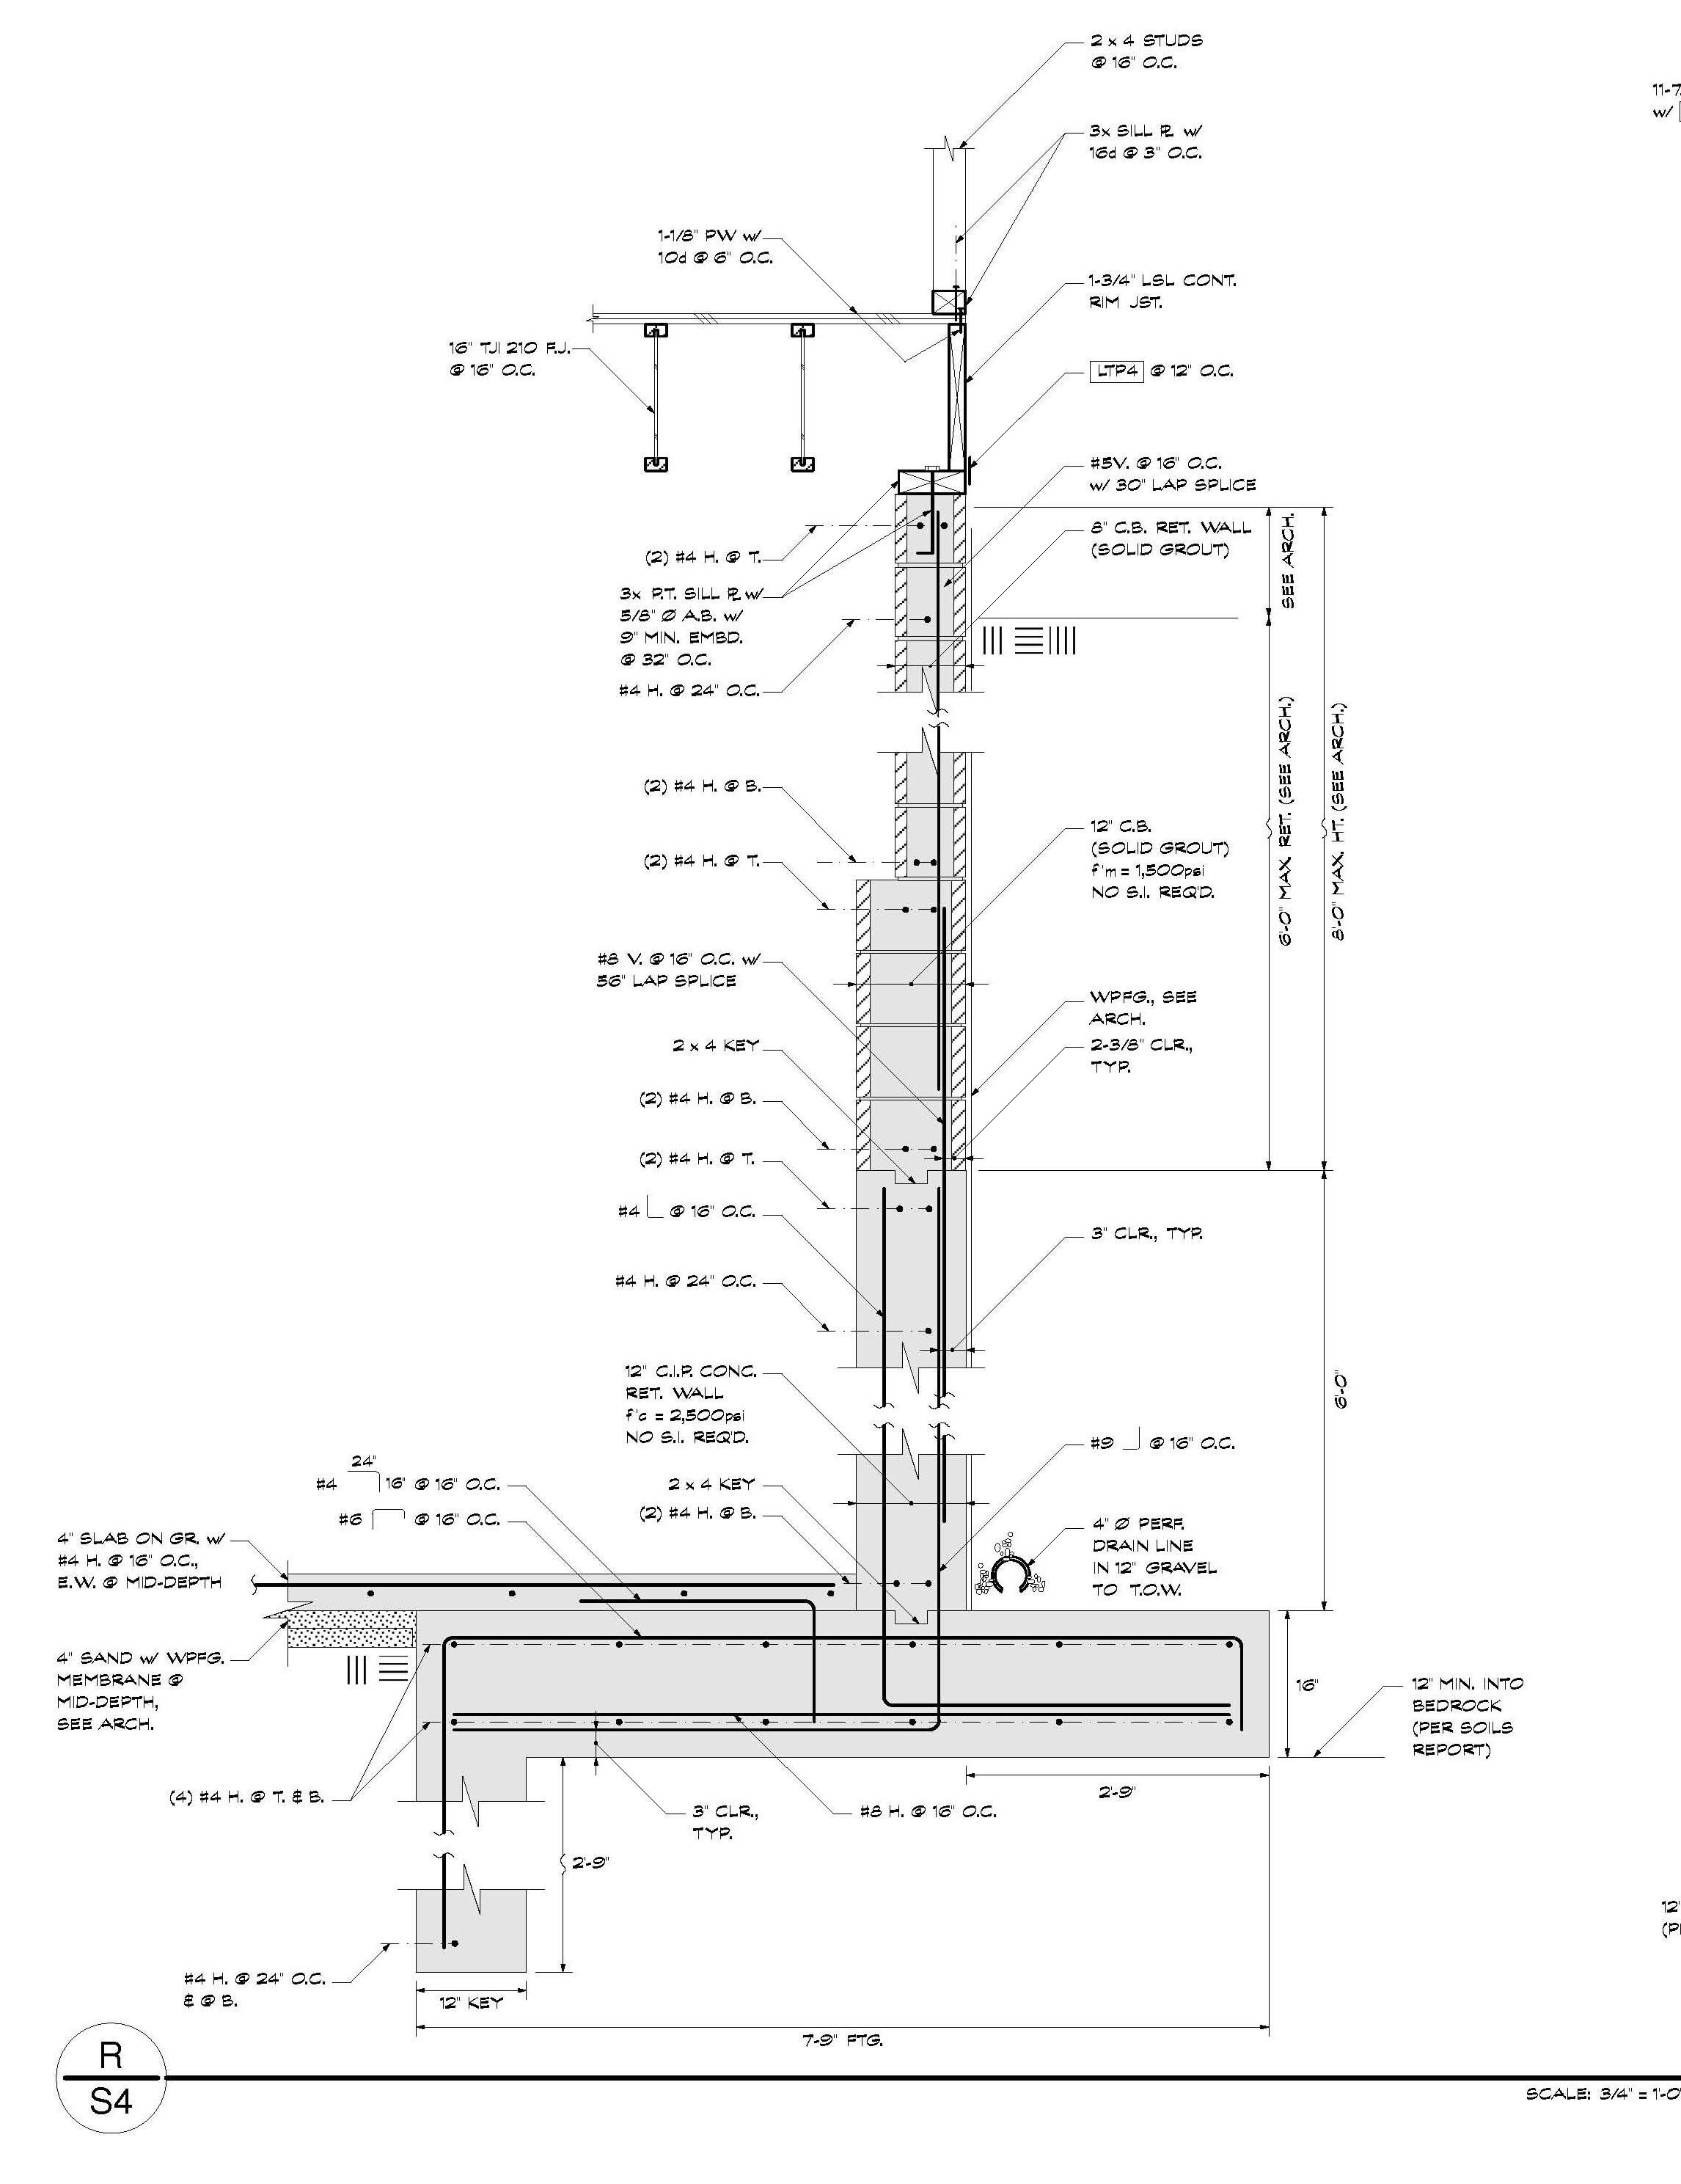 Foundation Rebar Splice Diagram